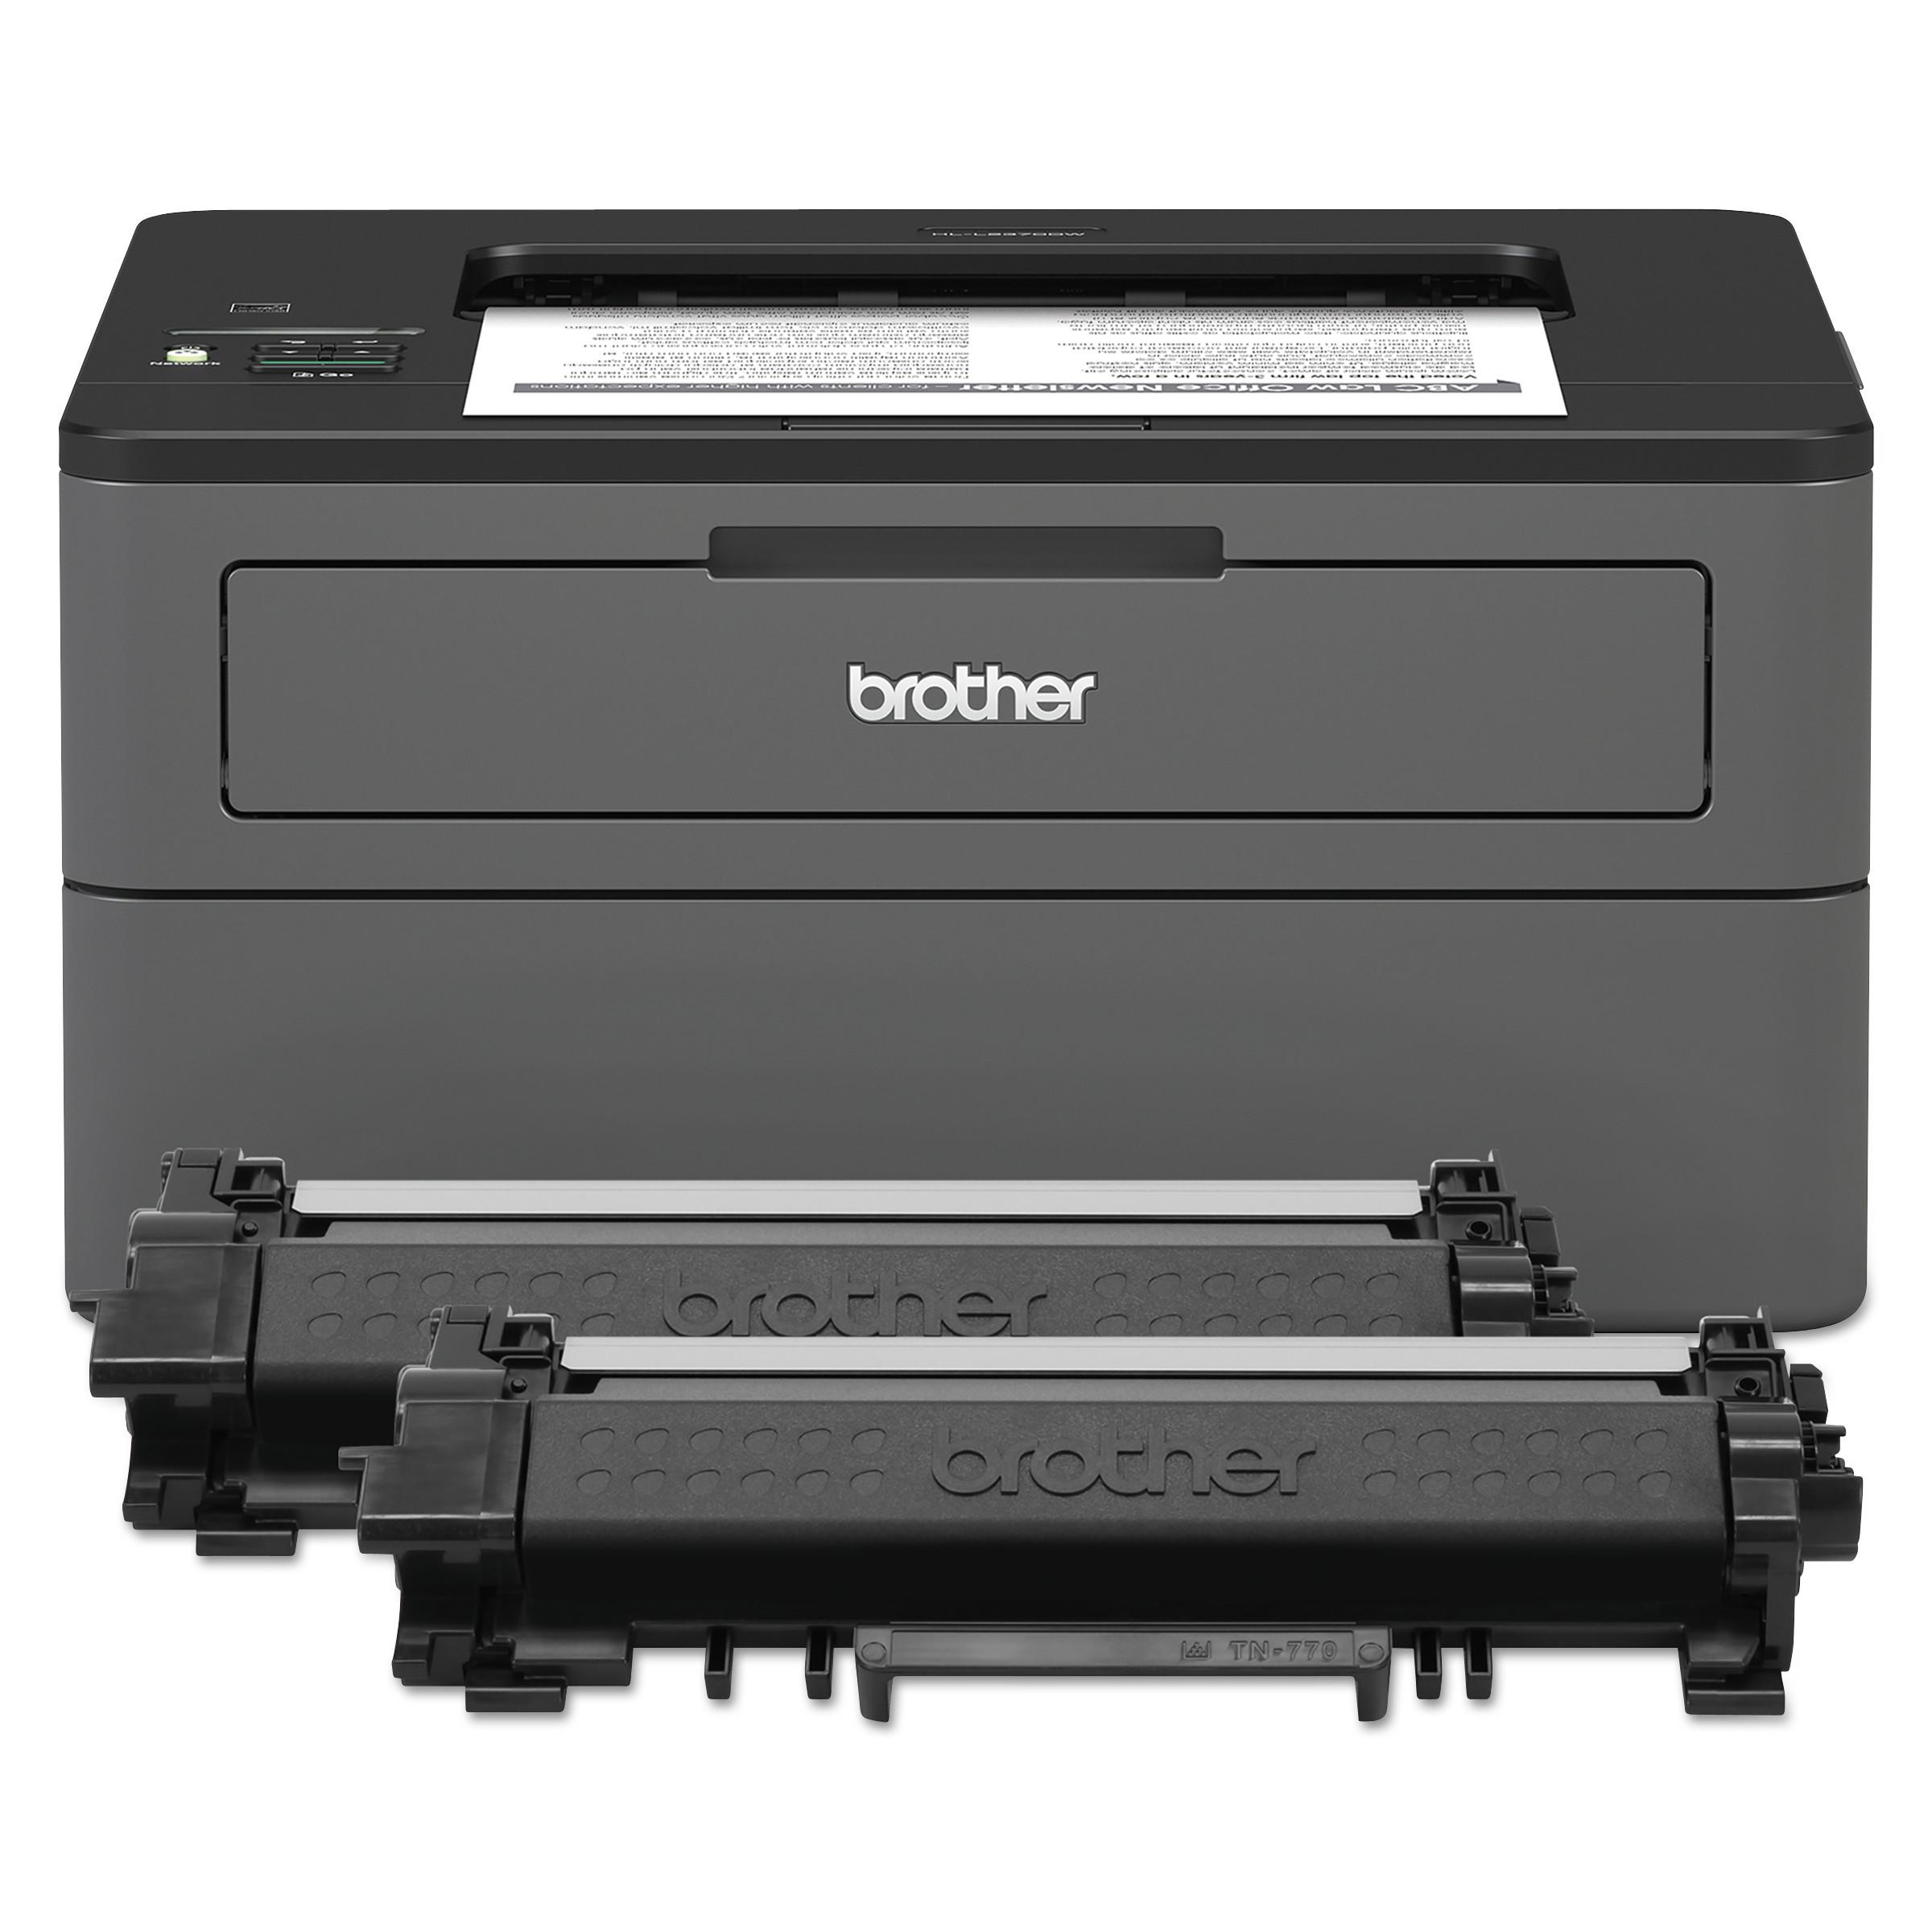 HL-L2370DWXL Wireless Laser Printer